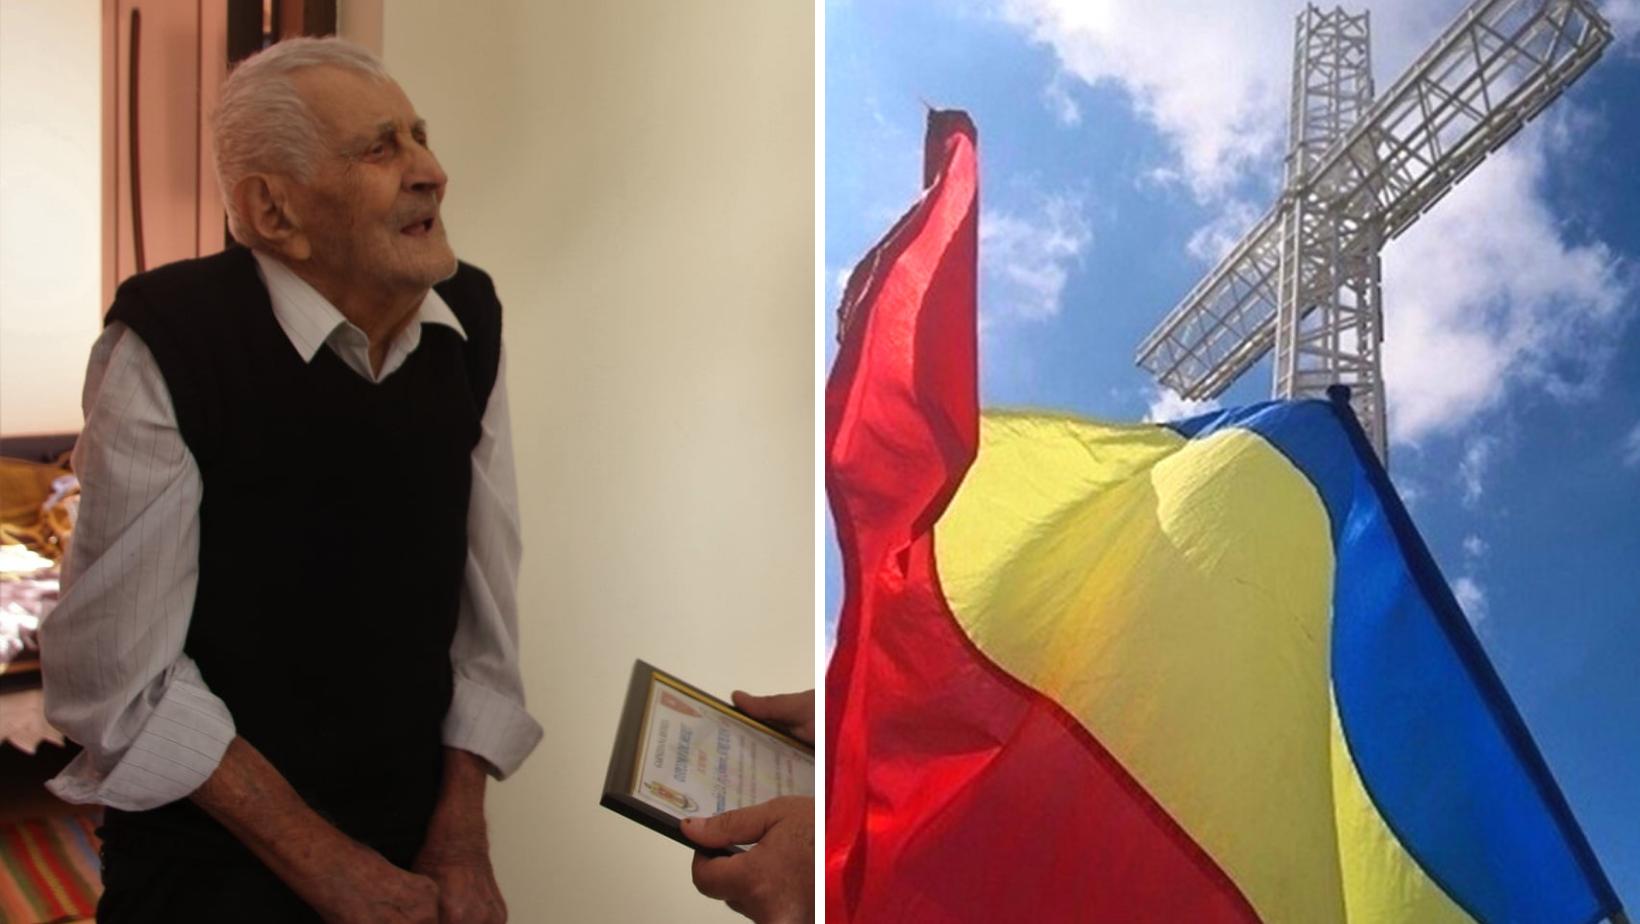 Veteranul de război Simion Sorcean a trecut la cele veșnice la 100 de ani